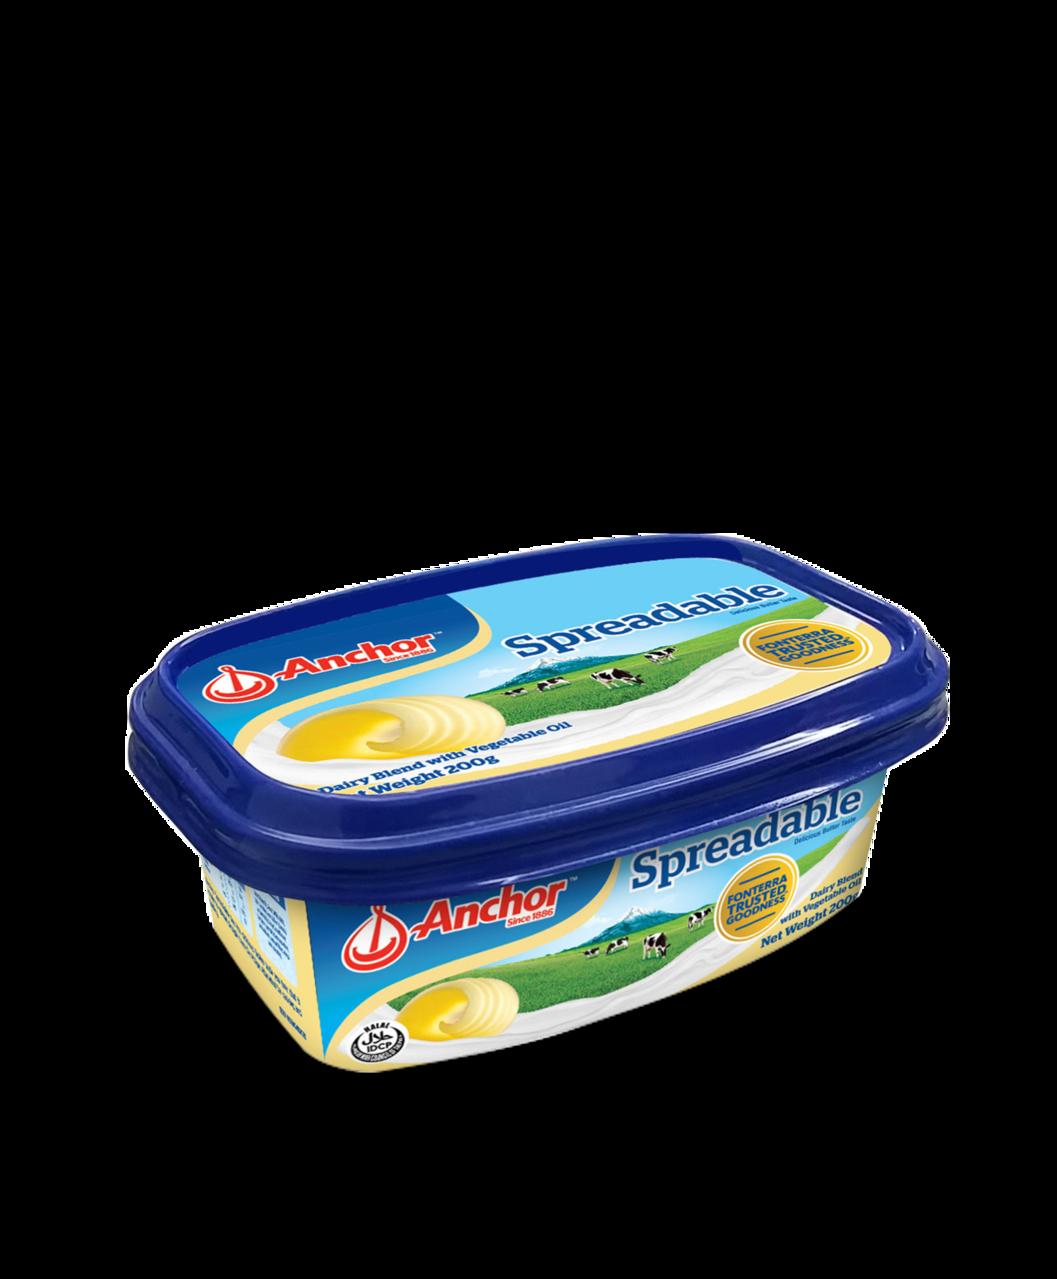 Anchor Spreadable Butter